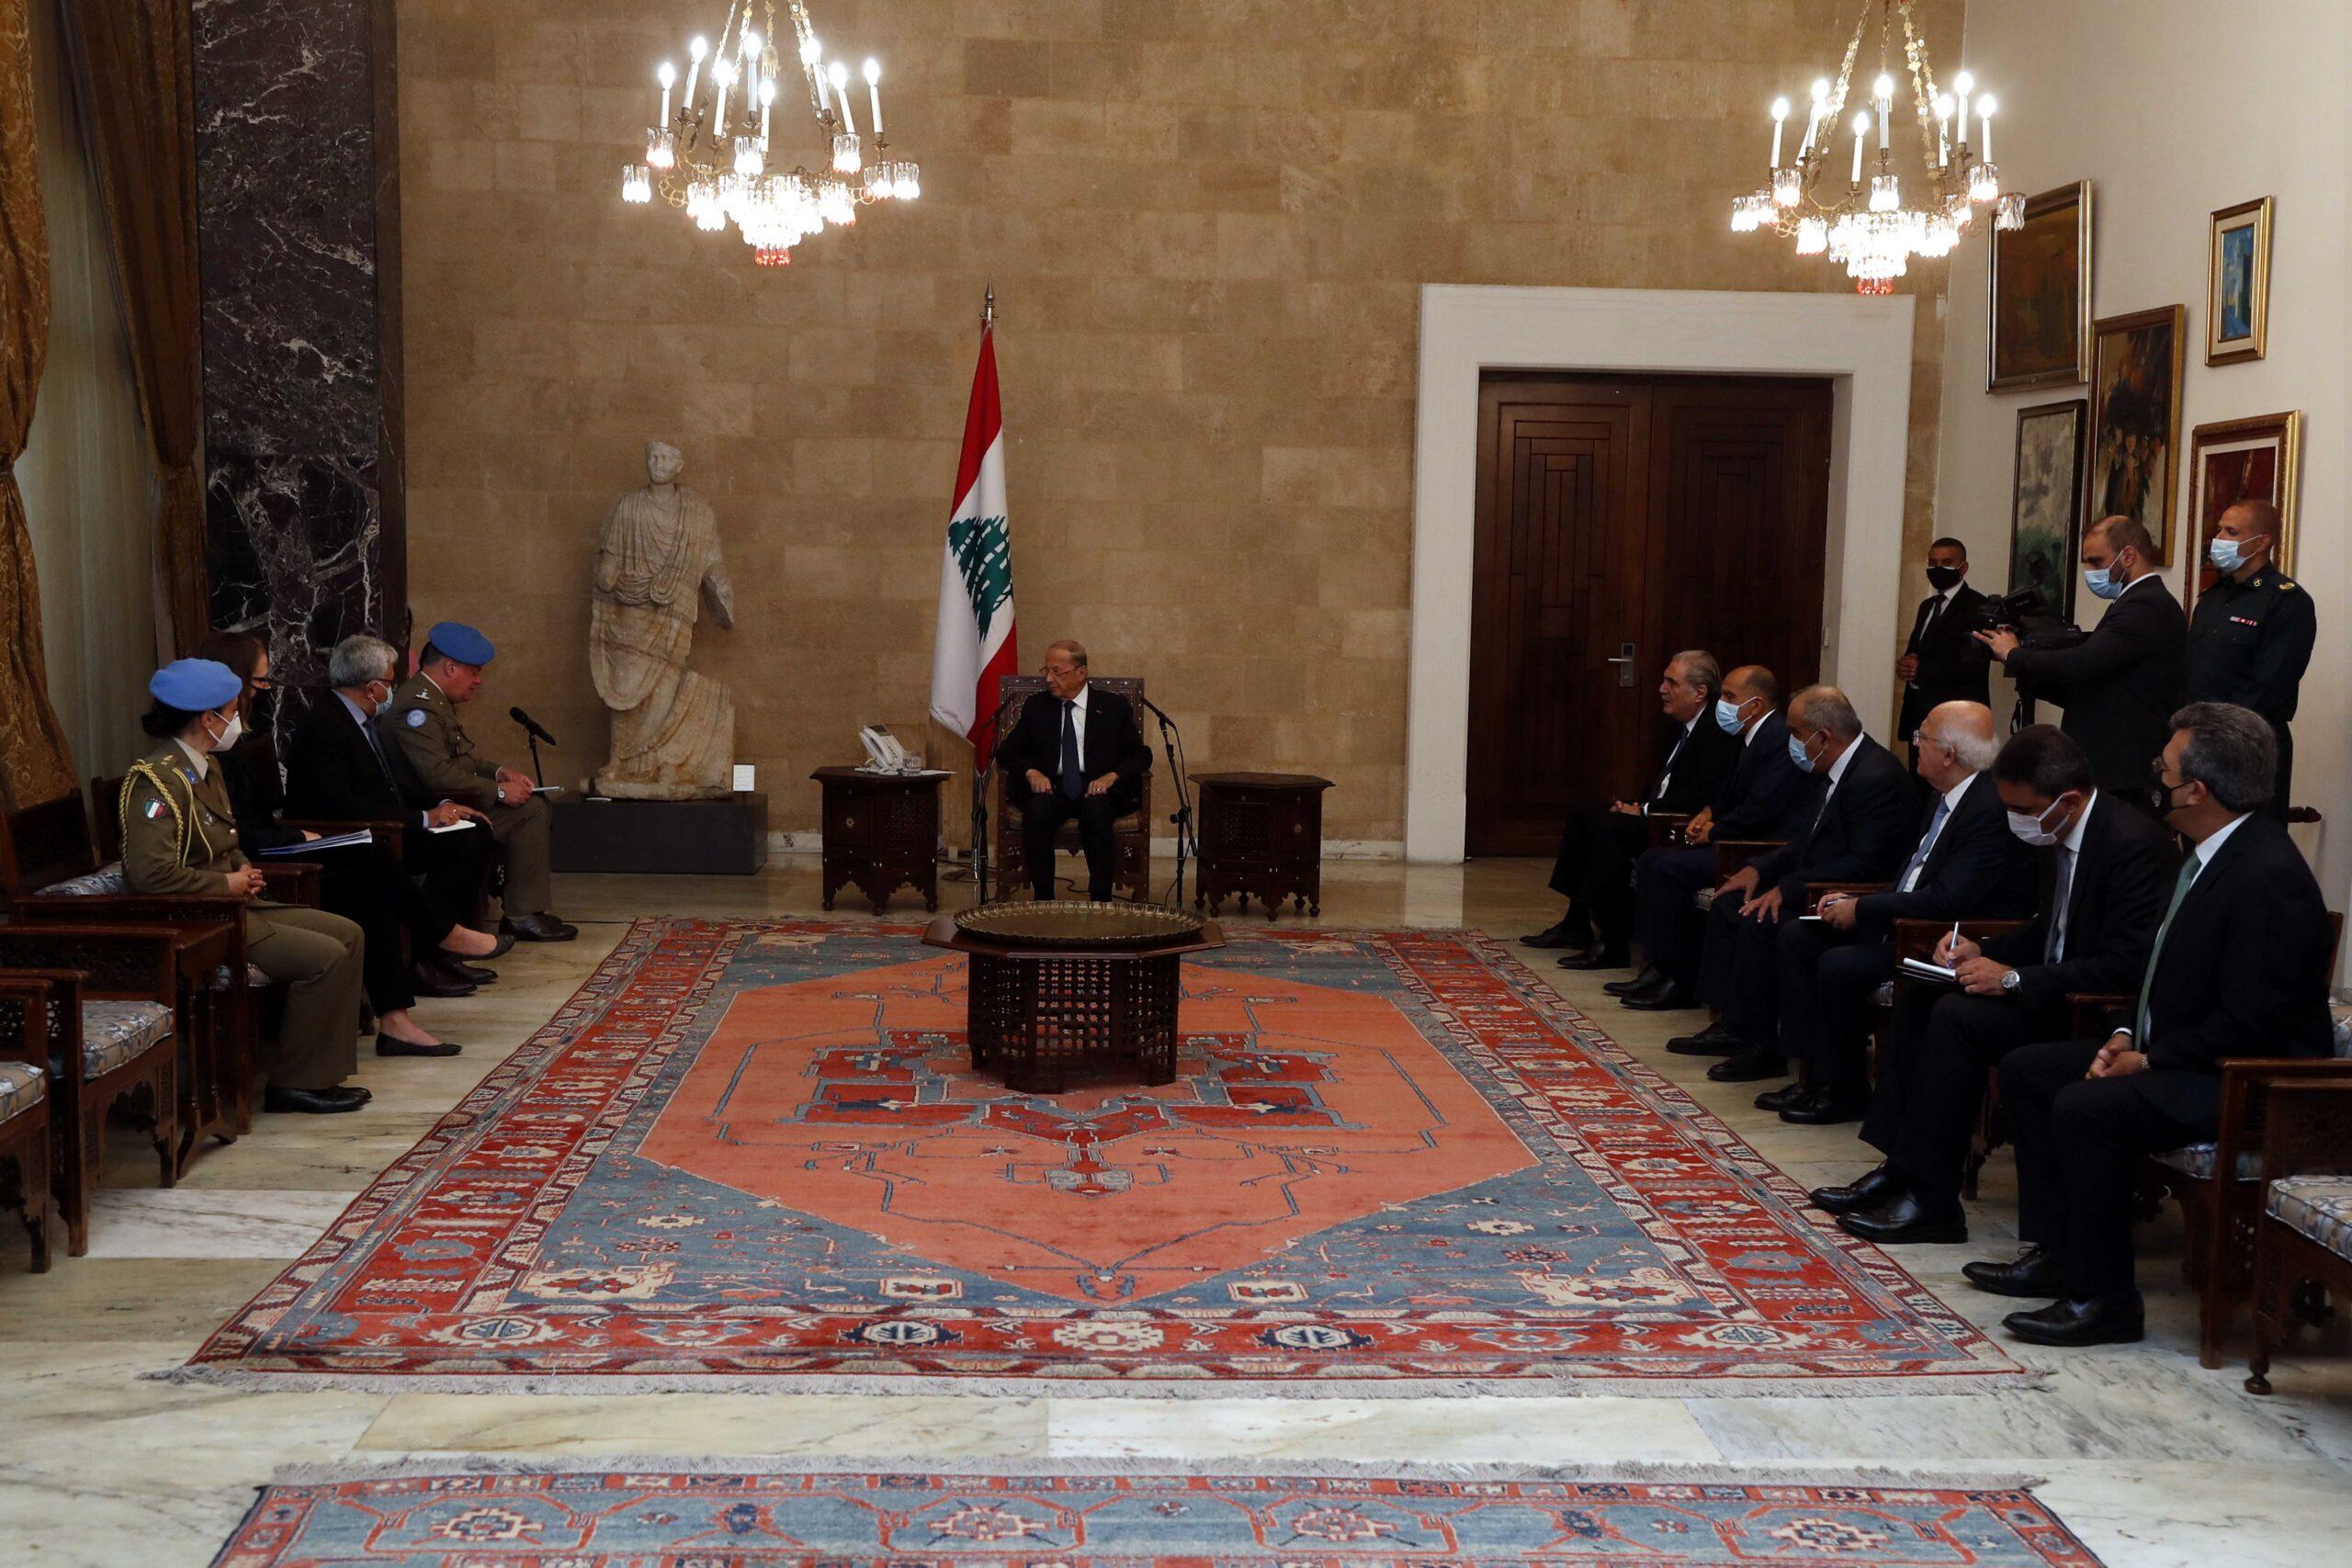 عون شكر قائد اليونيفيل على دعم مجلس الامن الدولي للجيش اللبناني والتمديد لقوات حفظ السلام